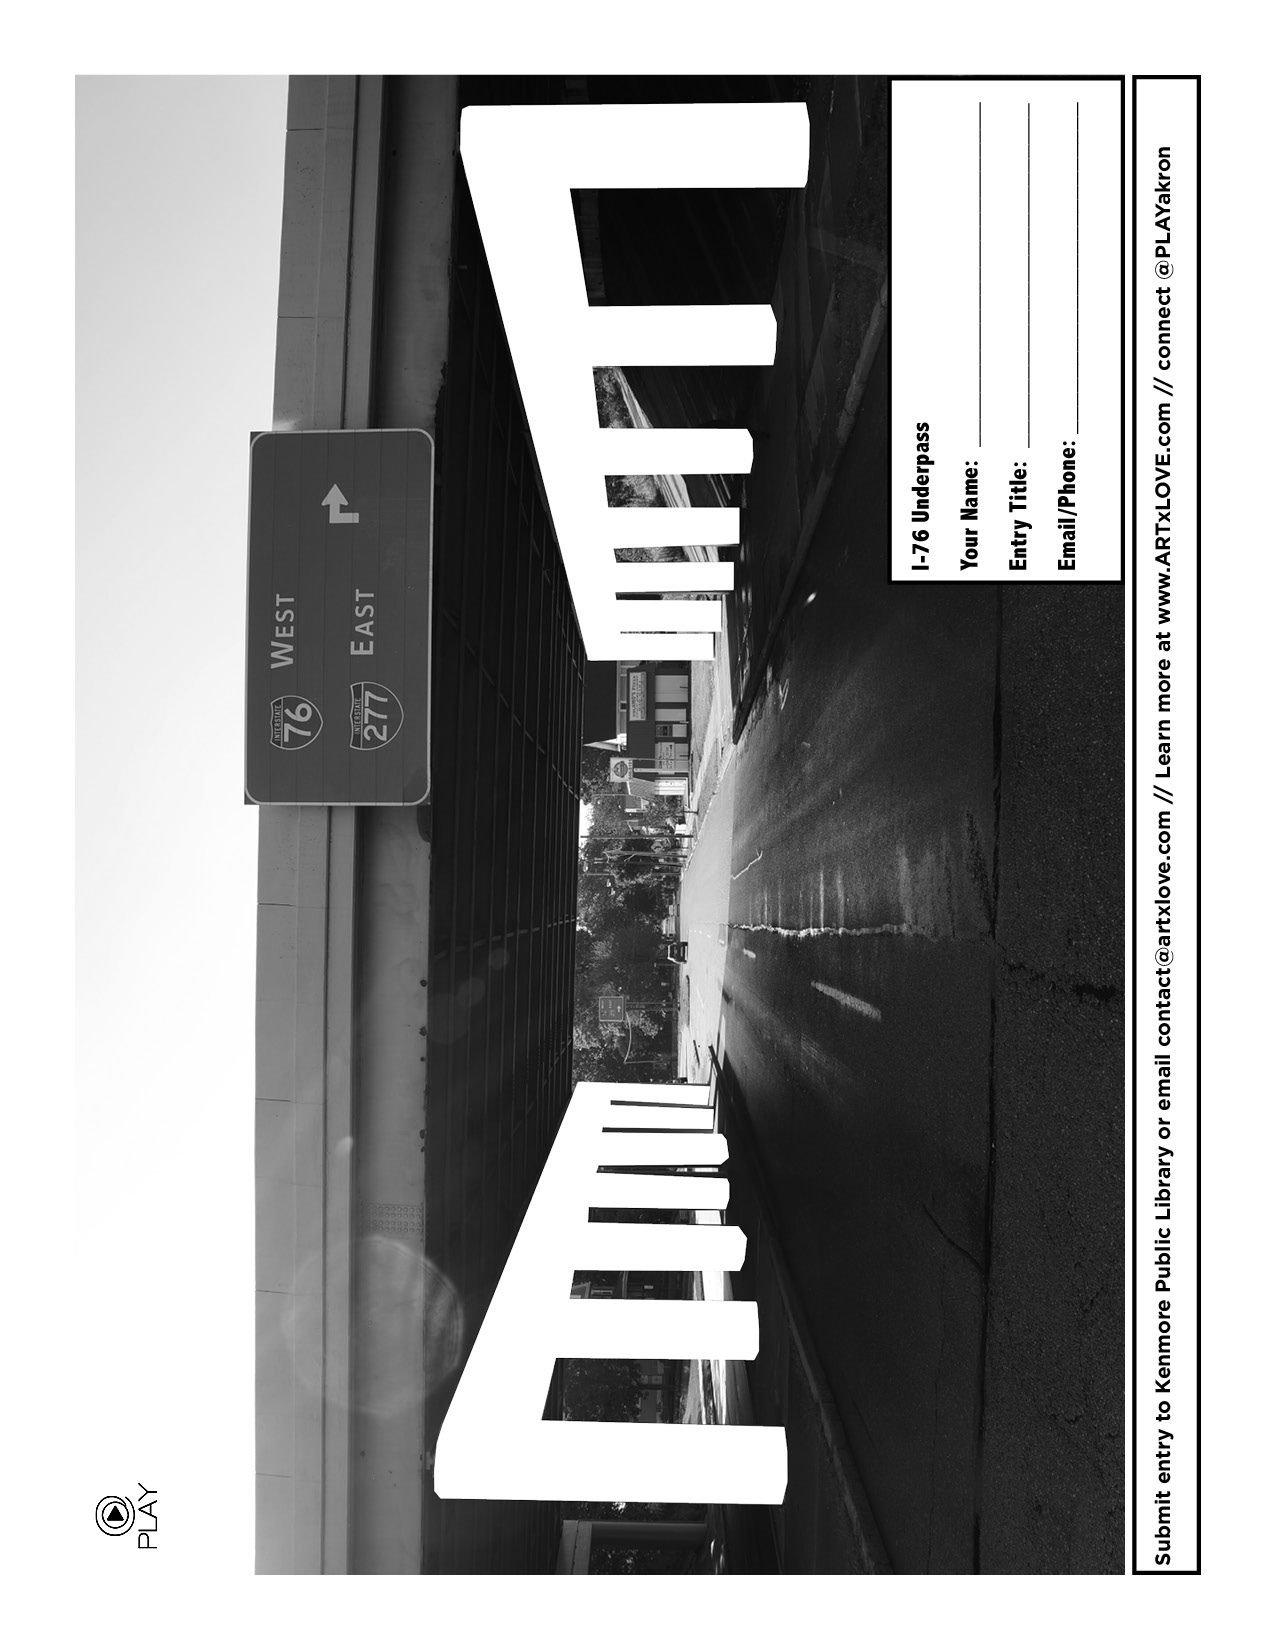 ARTxLOVE_Kenmore-Imagineer_coloring-book_final12.jpg